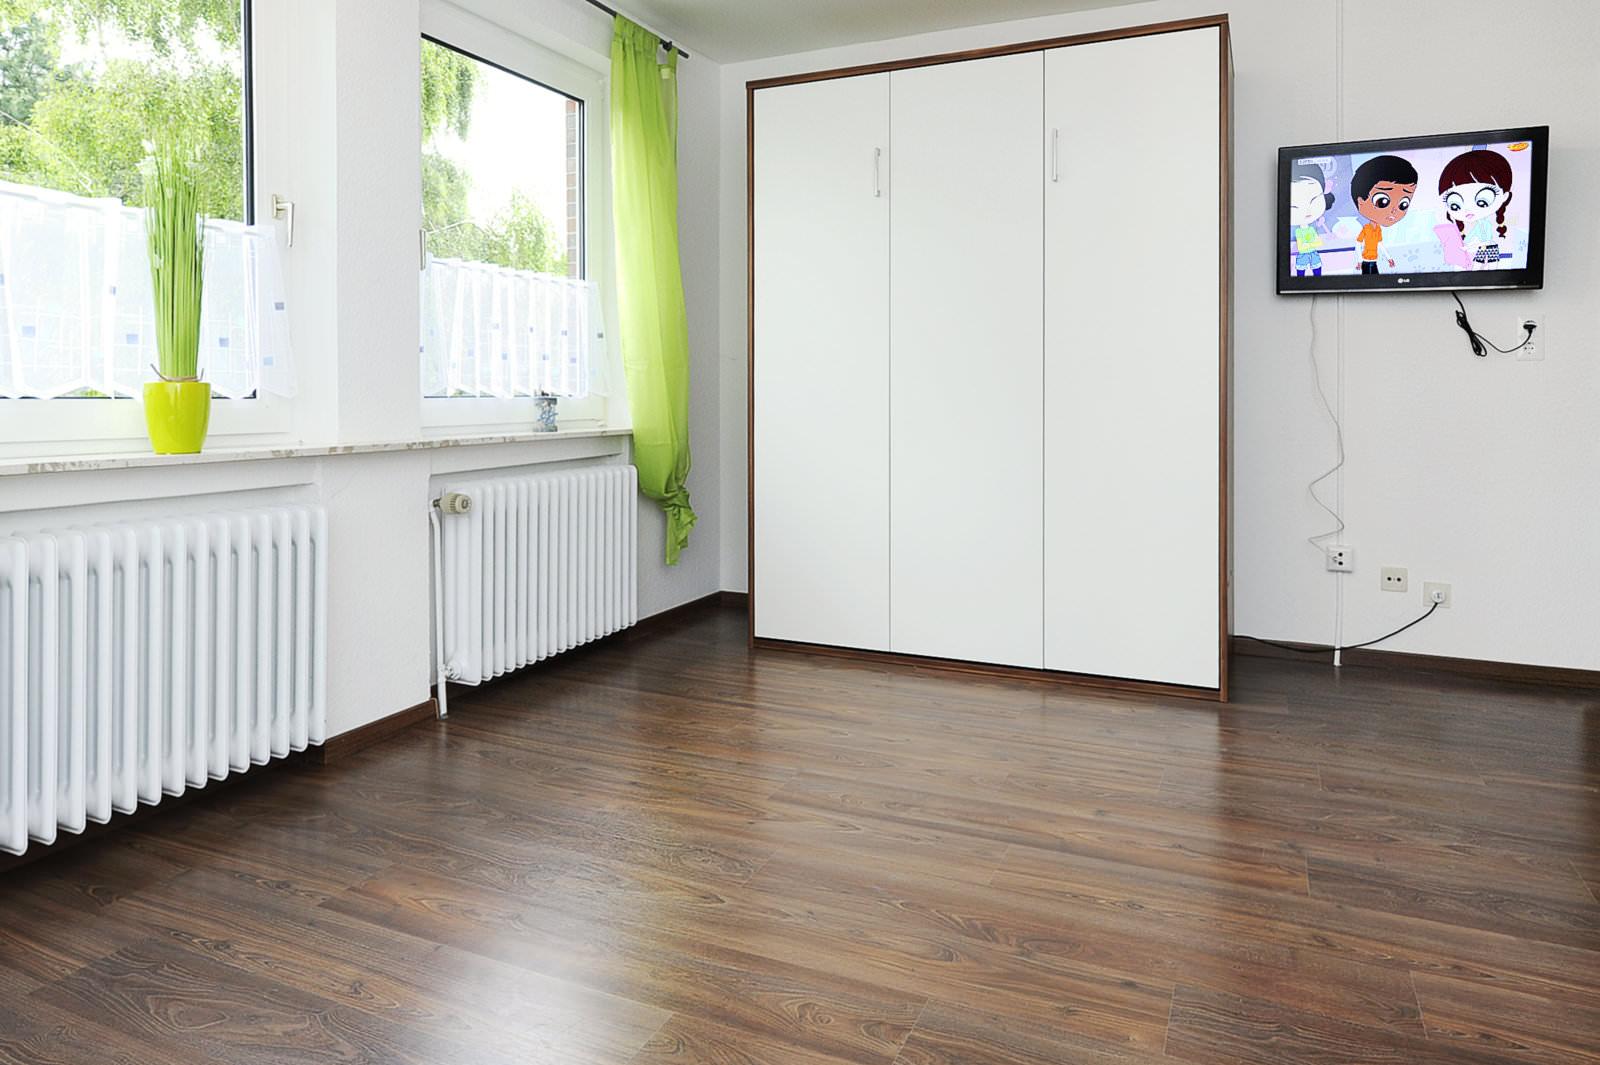 wohn und schlafzimmer der ferienwohnung lulu meinders. Black Bedroom Furniture Sets. Home Design Ideas